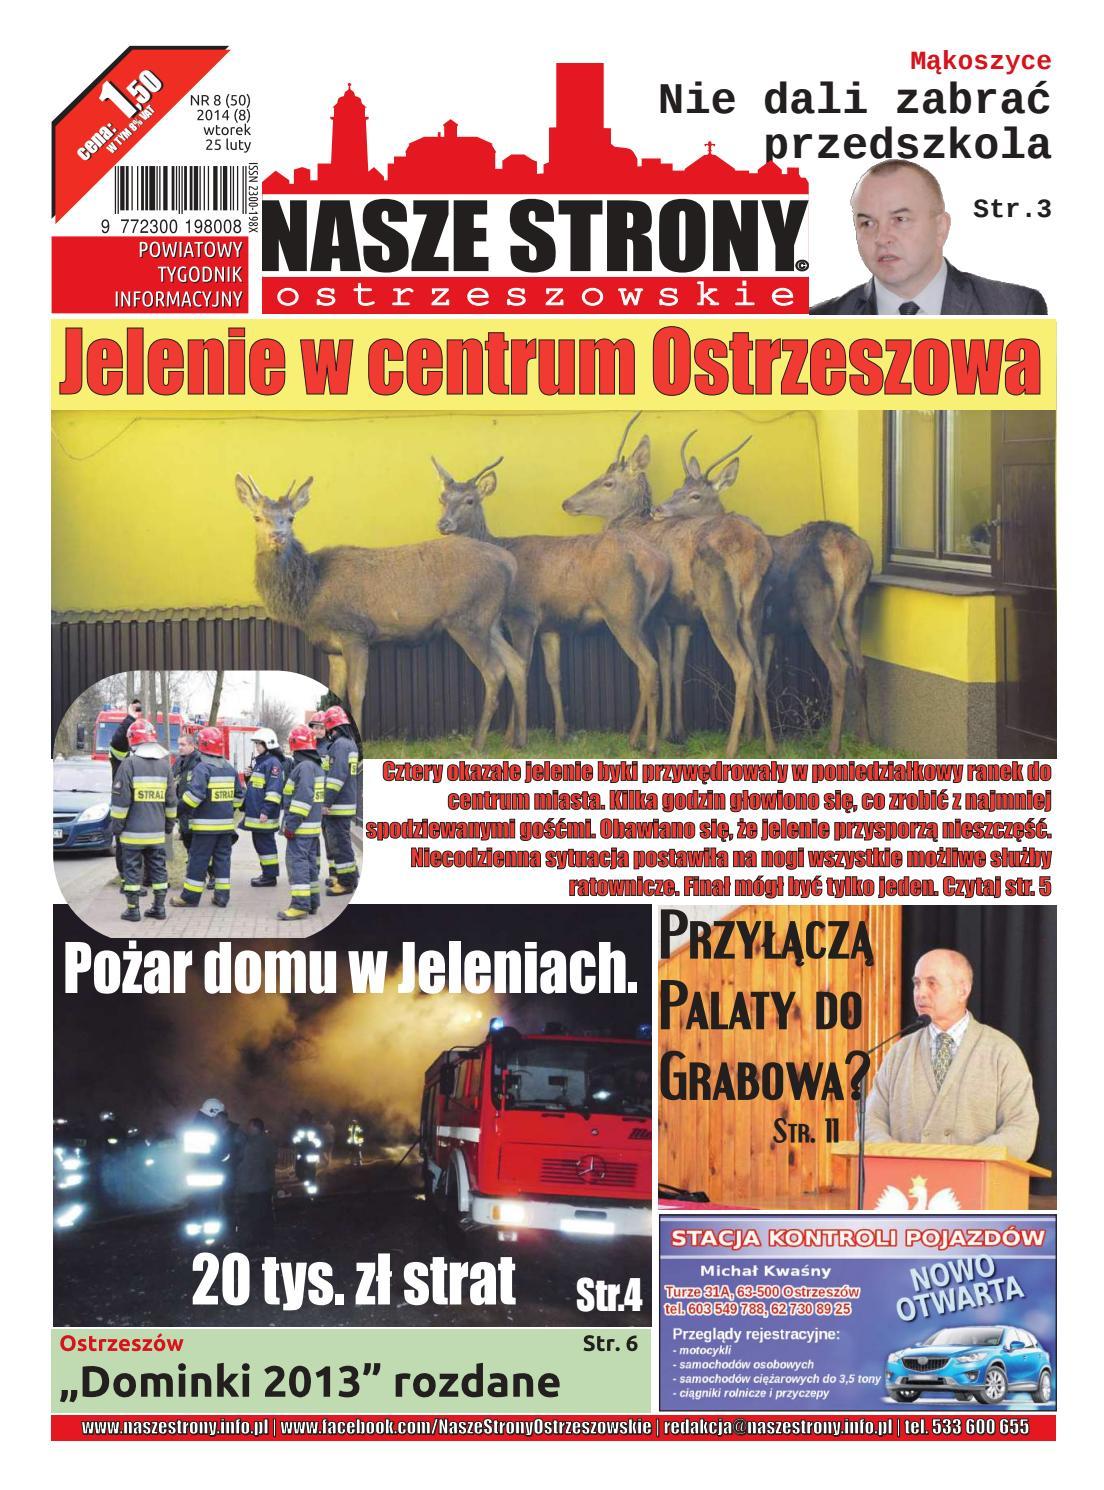 ac720e16f709c9 Nasze Strony Ostrzeszowskie 8/2014 by Nasze Strony Ostrzeszowskie - issuu